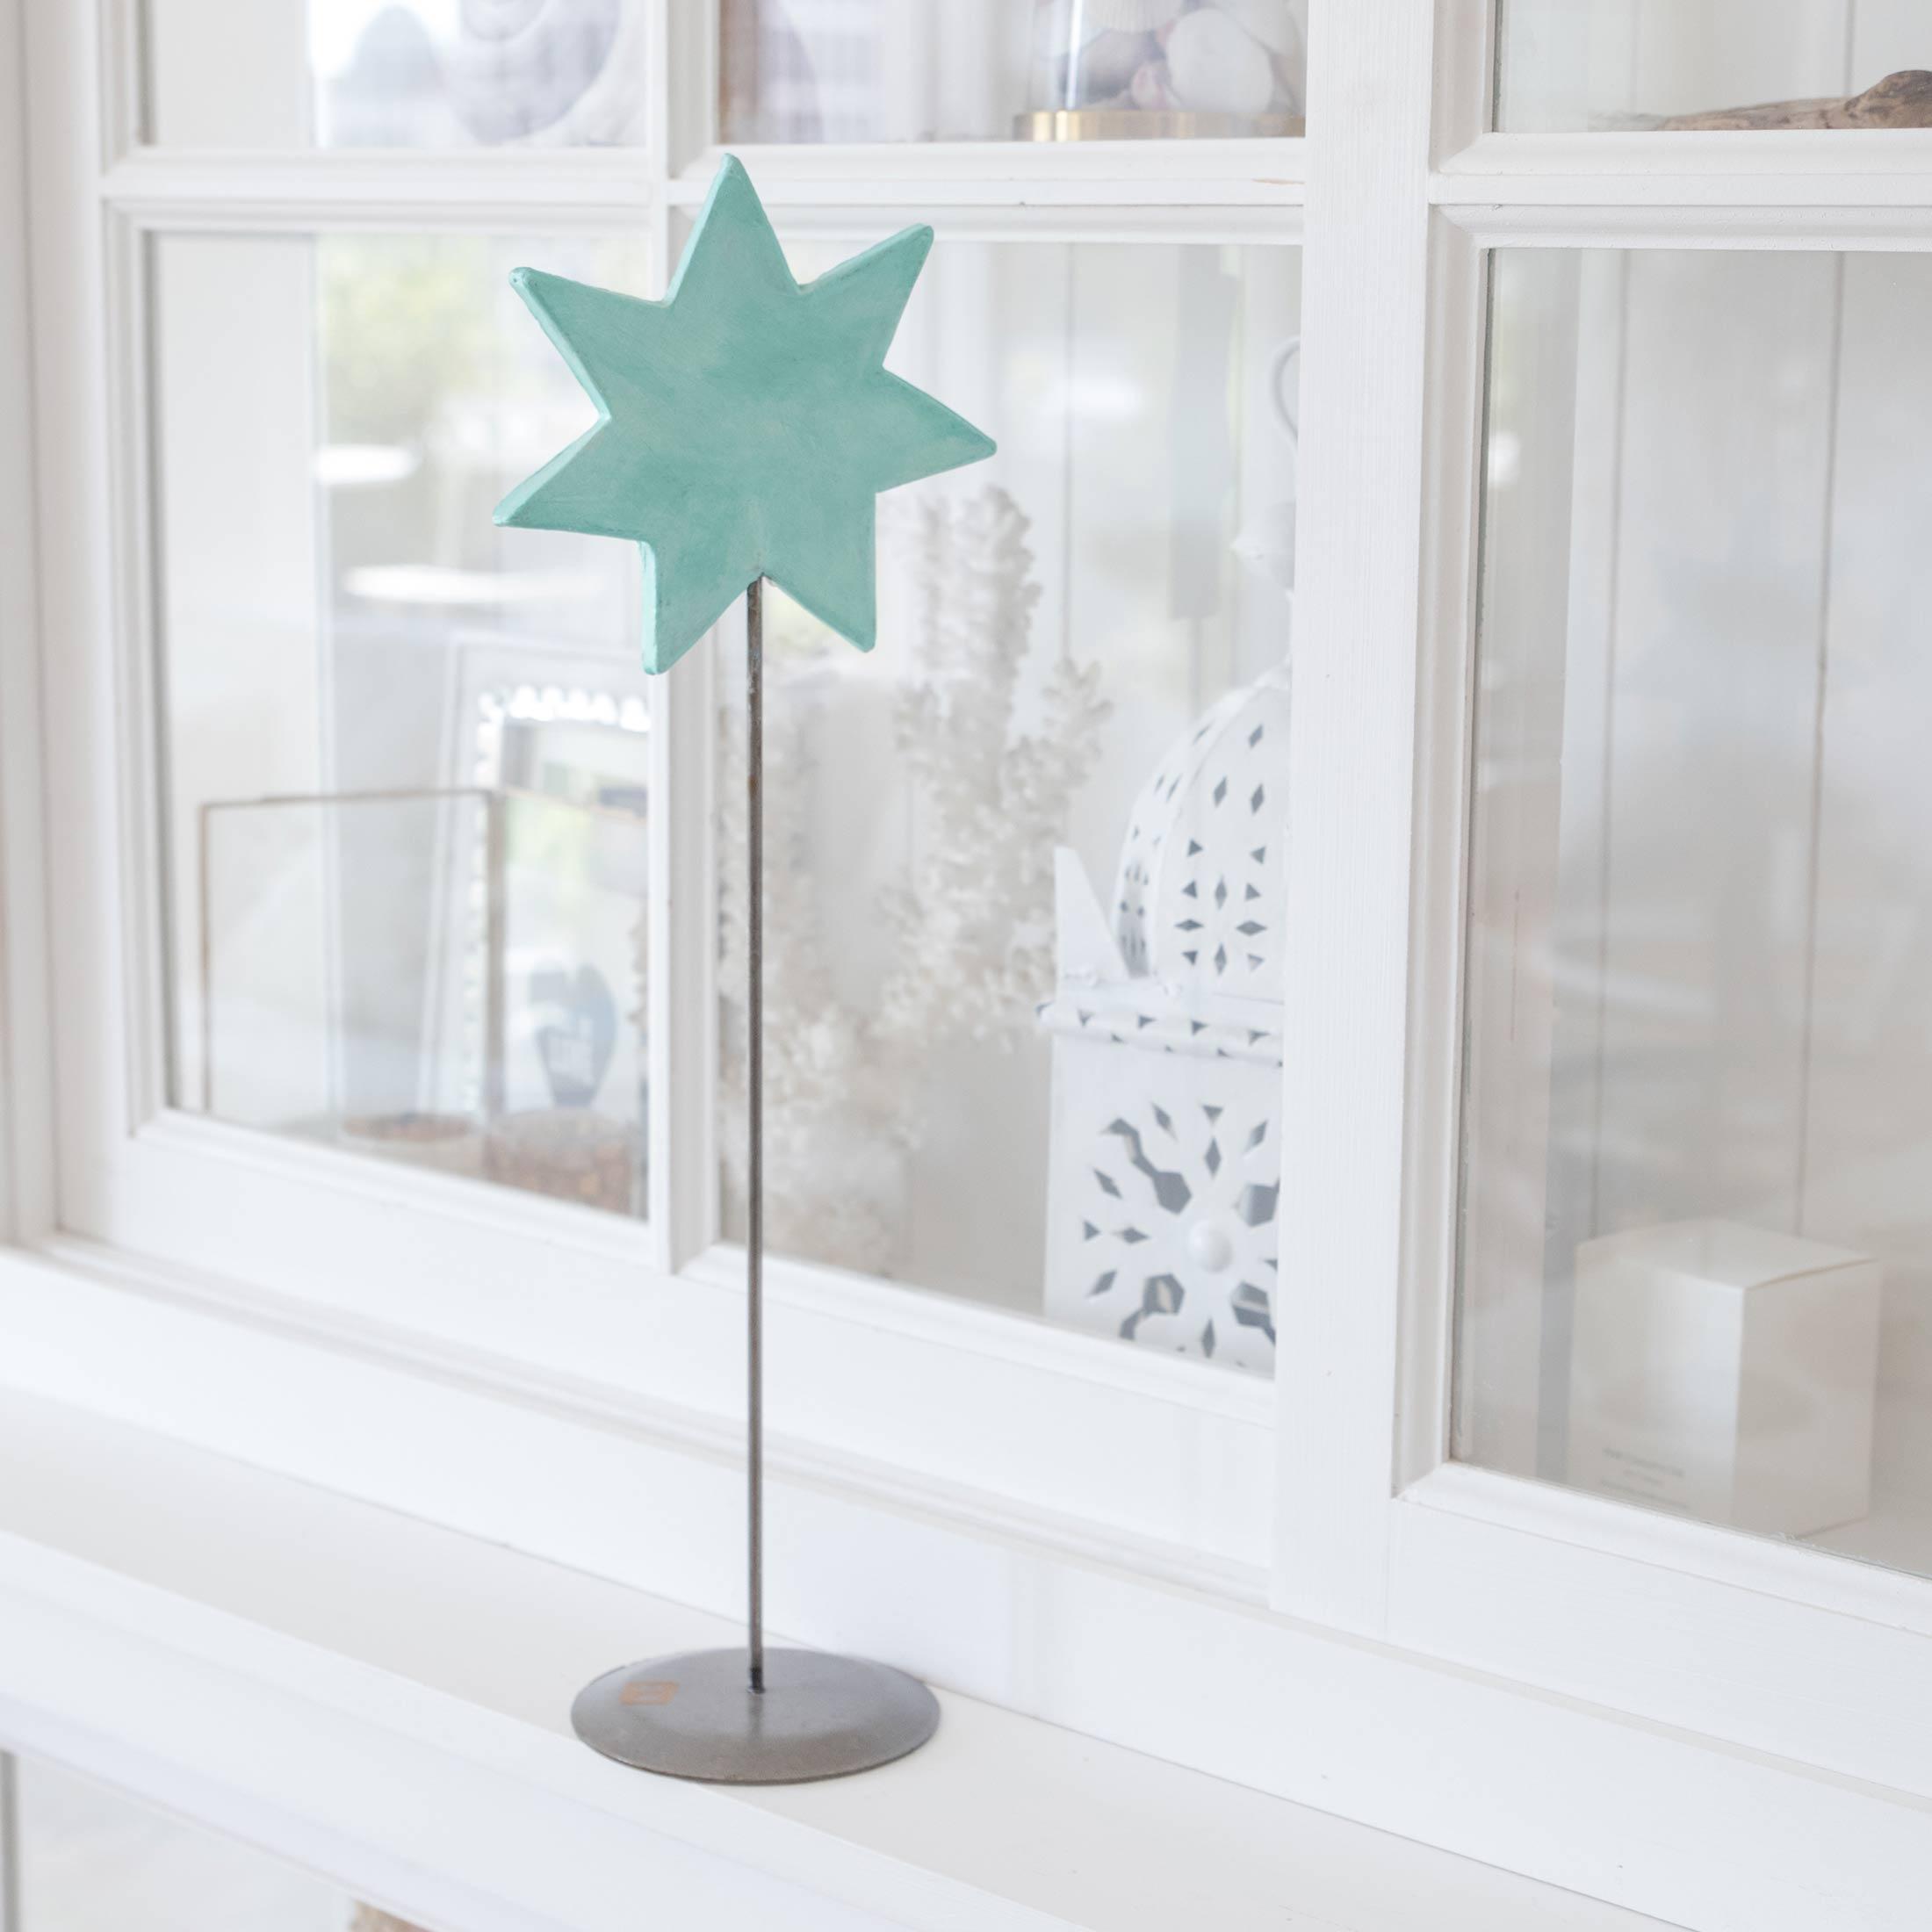 Grüner Deko Stern auf Ständer für die skandinavische Dekoration im Advent | dekorieren Onlineshop Soulbirdee | Weihnachtsdeko online kaufen